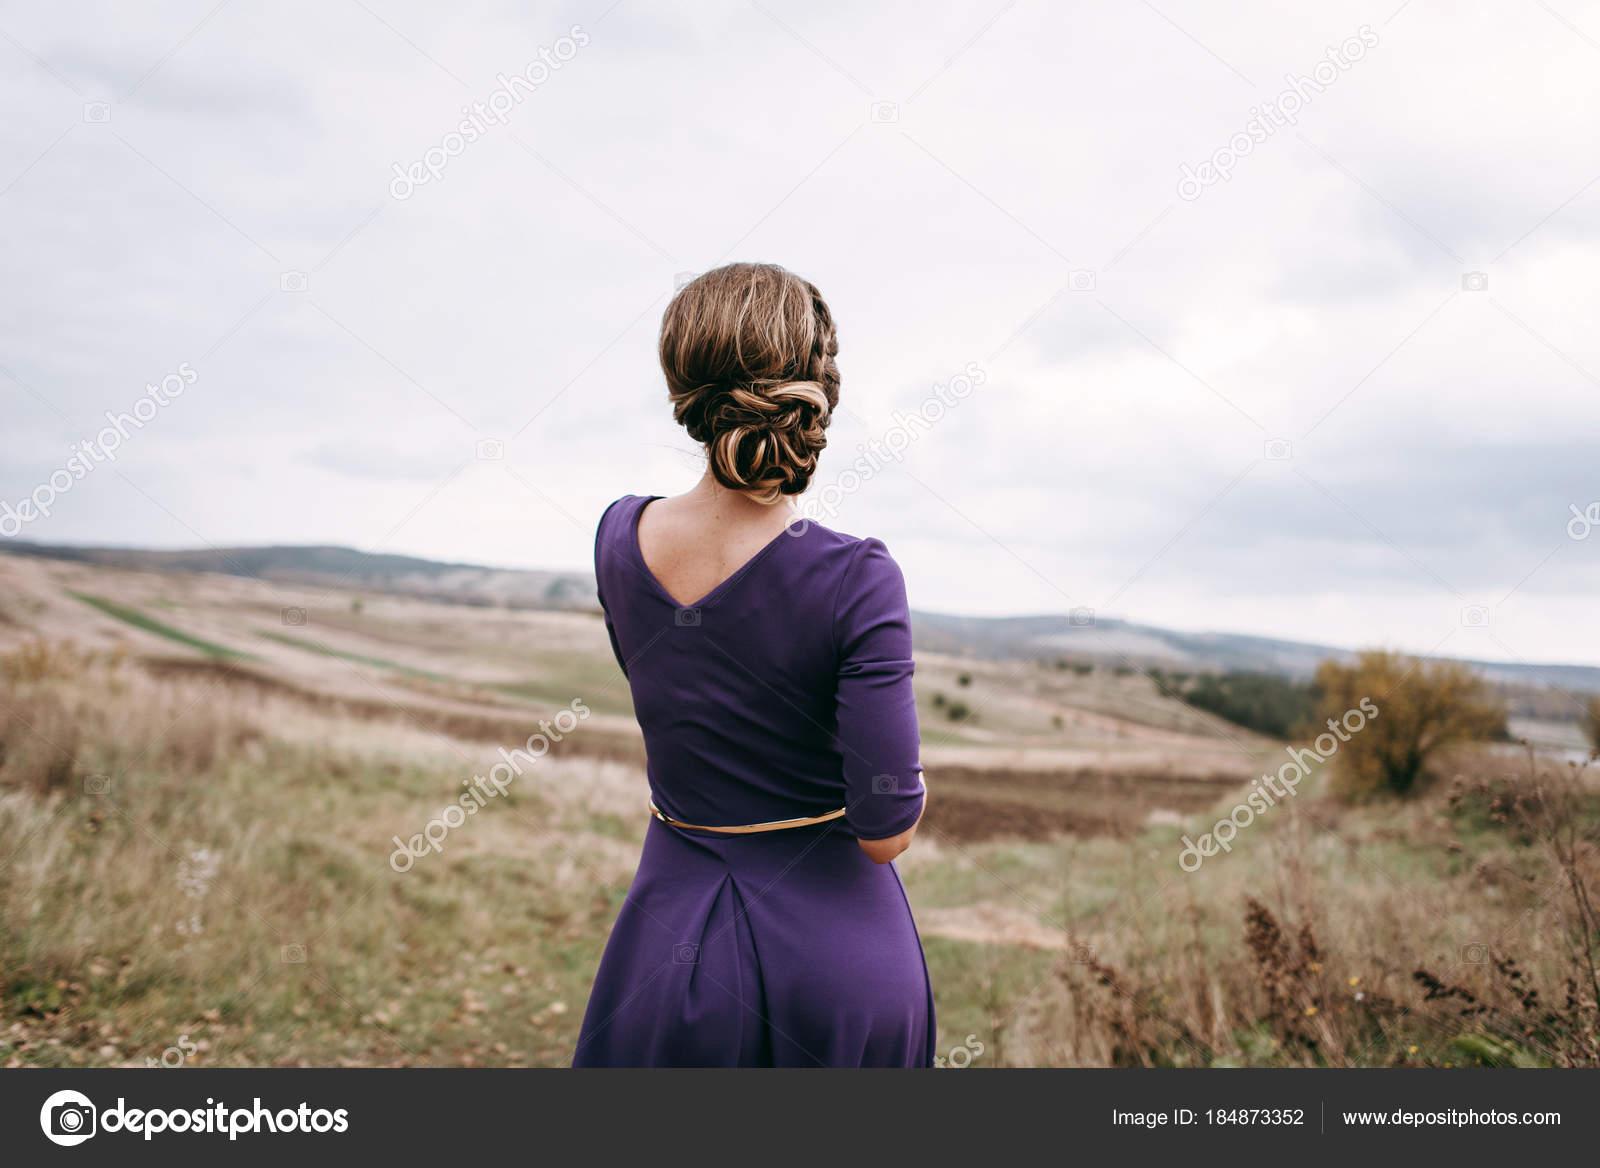 Vista Posterior Mujer Con Vestido Morado Noche Peinado